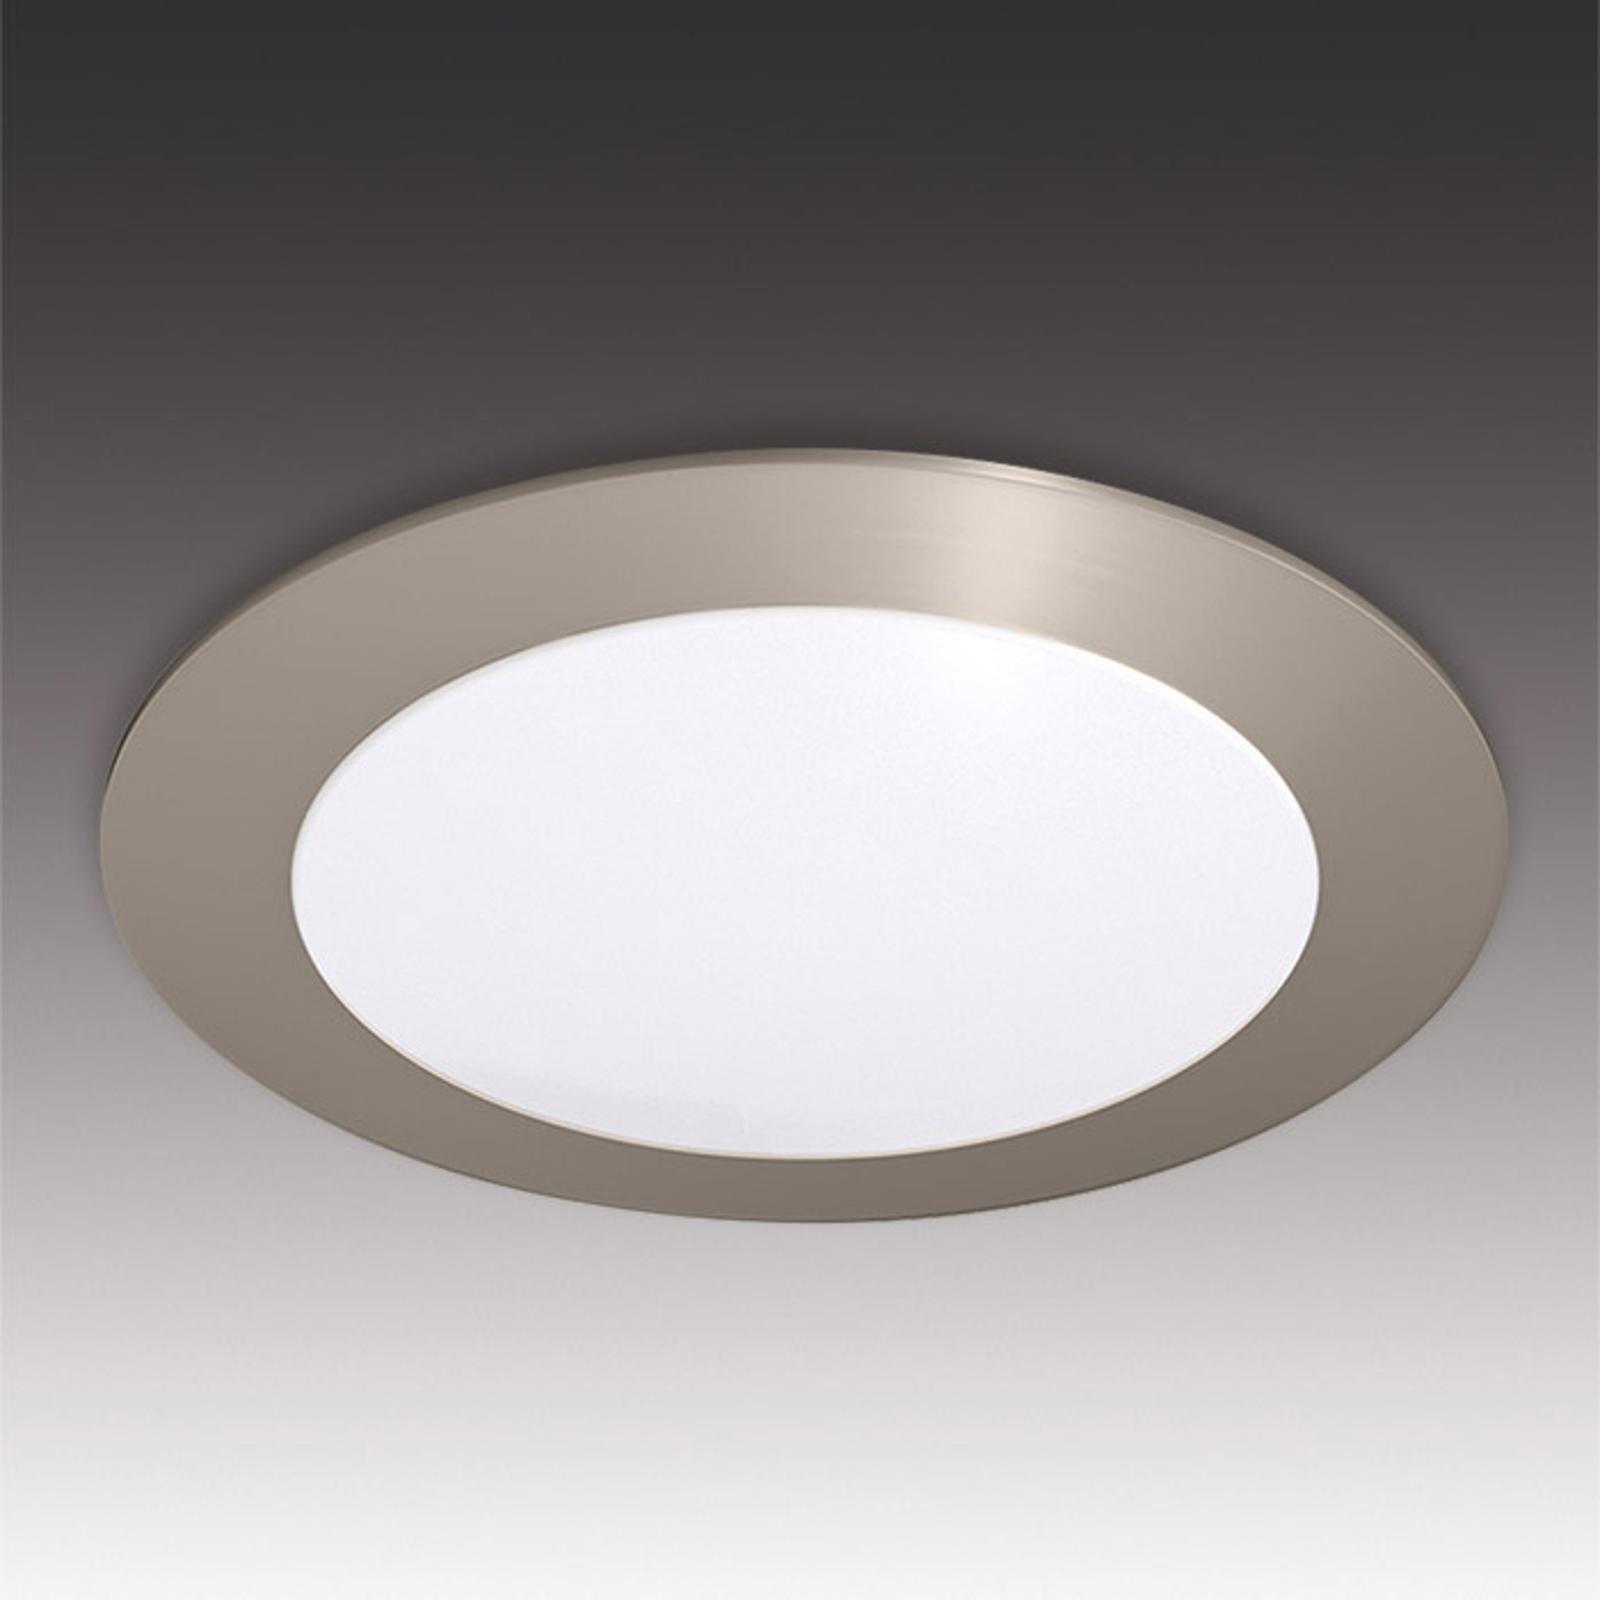 Lampe encastrable FR 68-LED, lampe unique